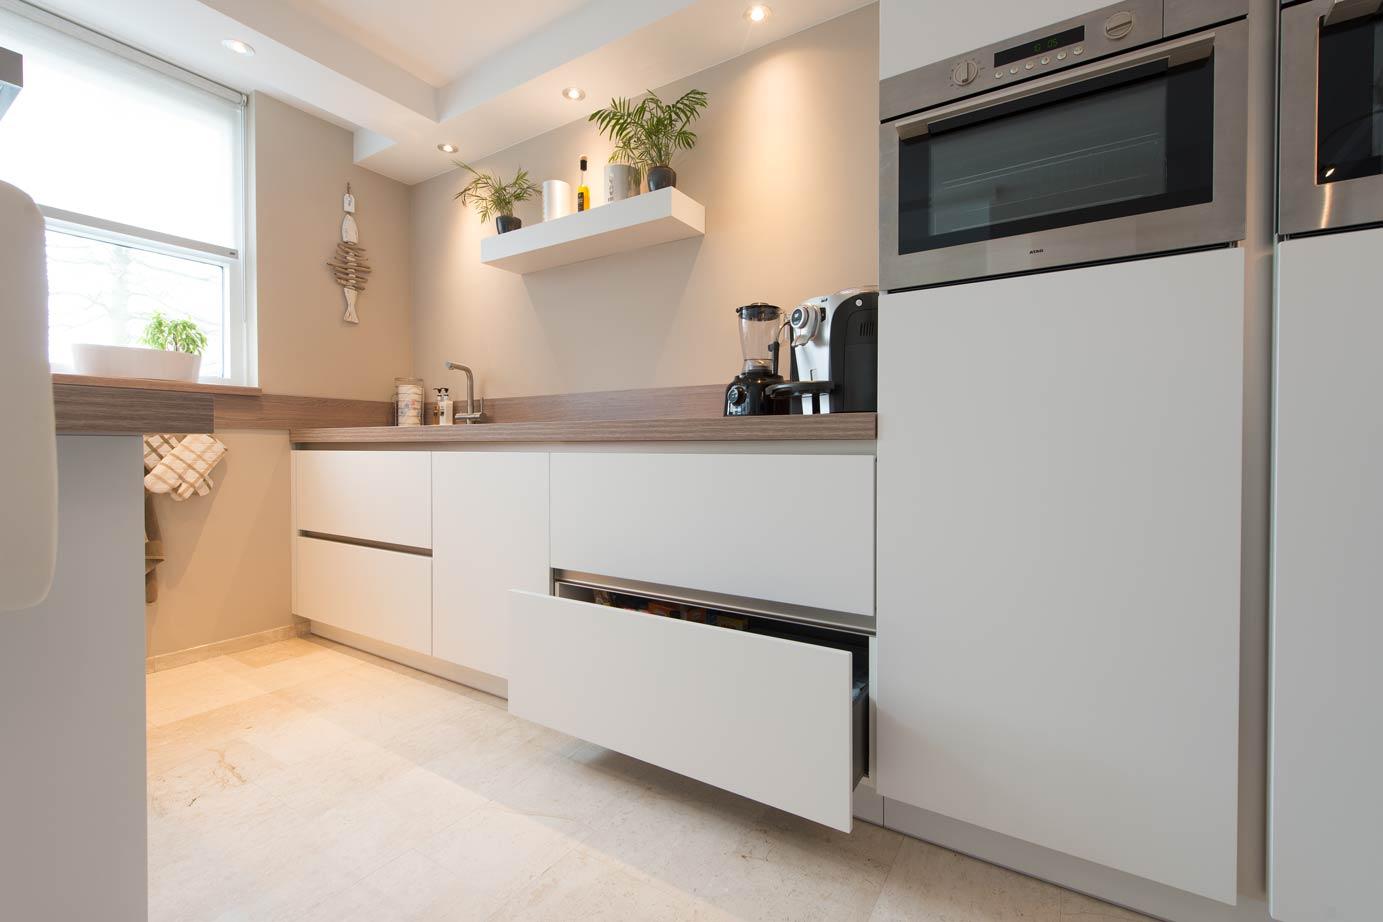 Keukenverlichting Zonder Bovenkasten : Keukenstijlen: krijg informatie en inspiratie en bekijk vele